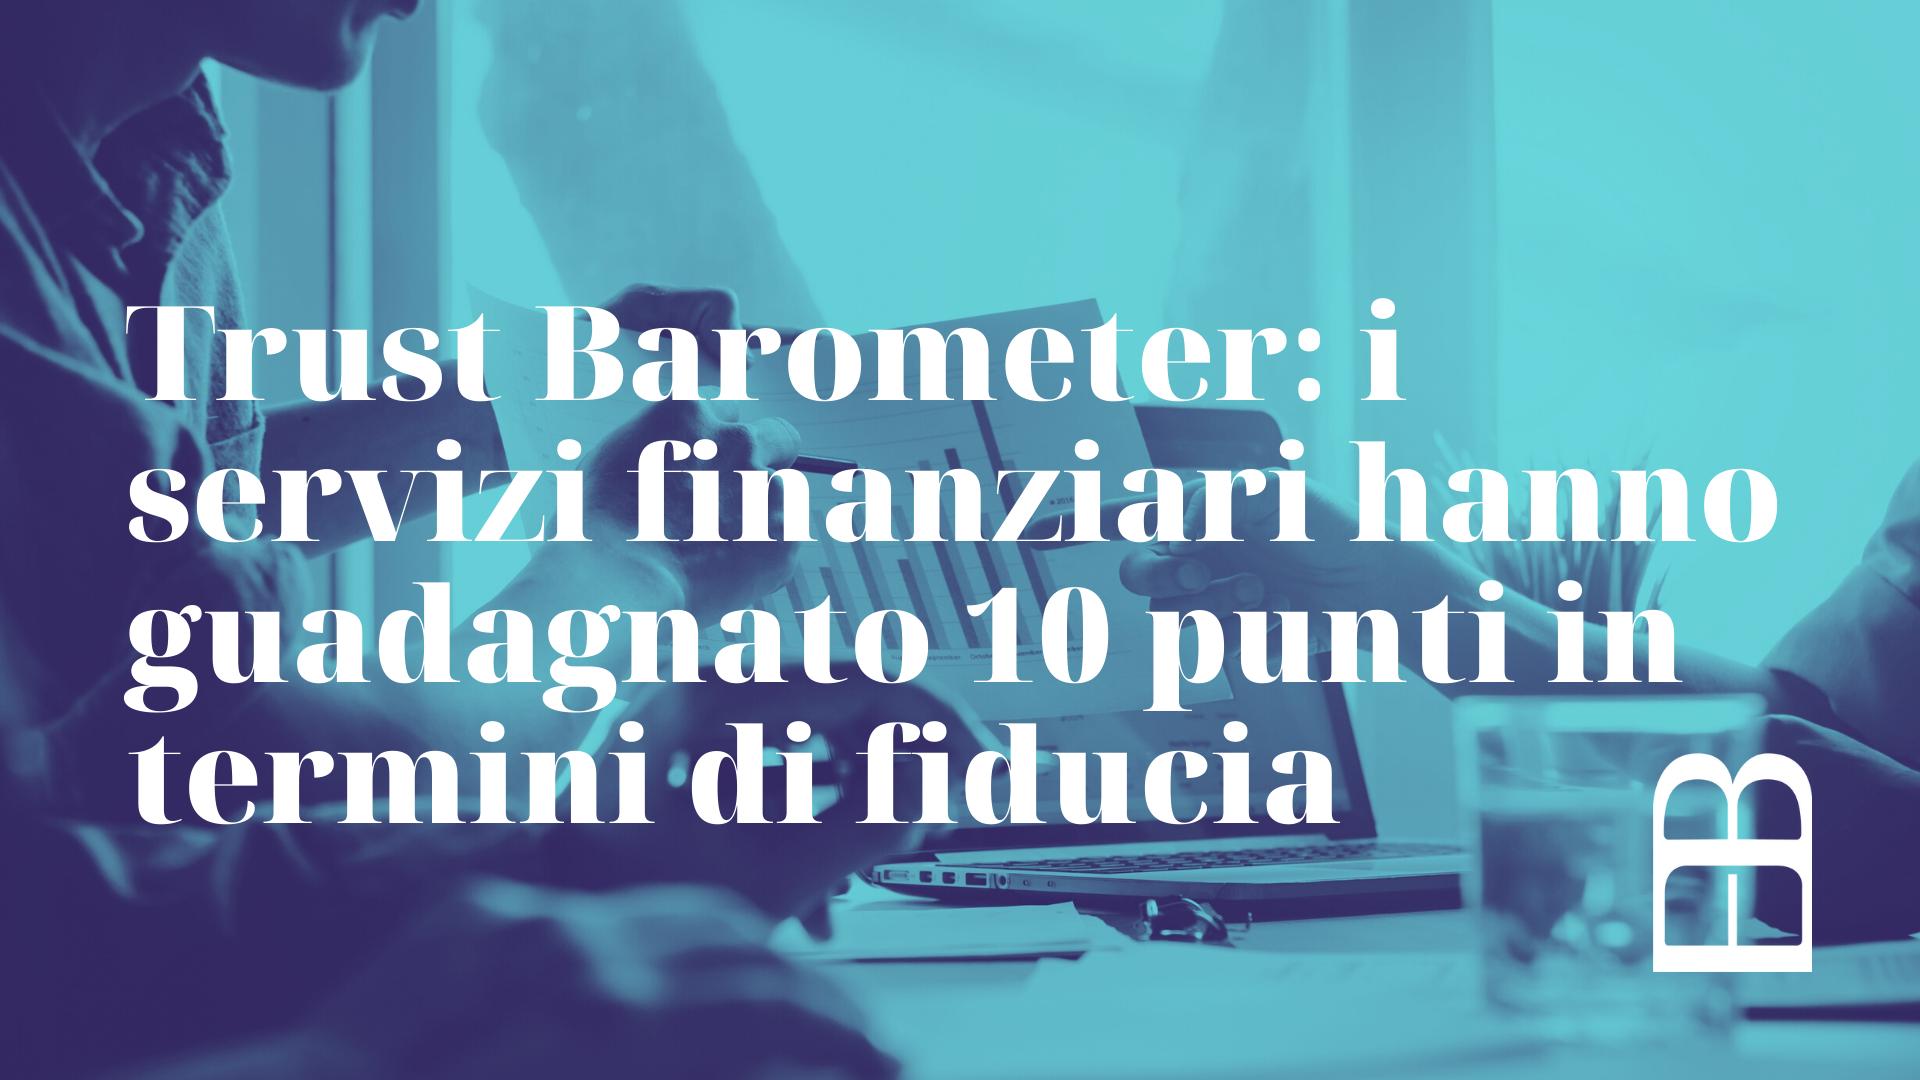 Trust Barometer i servizi finanziari hanno guadagnato 10 punti in termini di fiducia